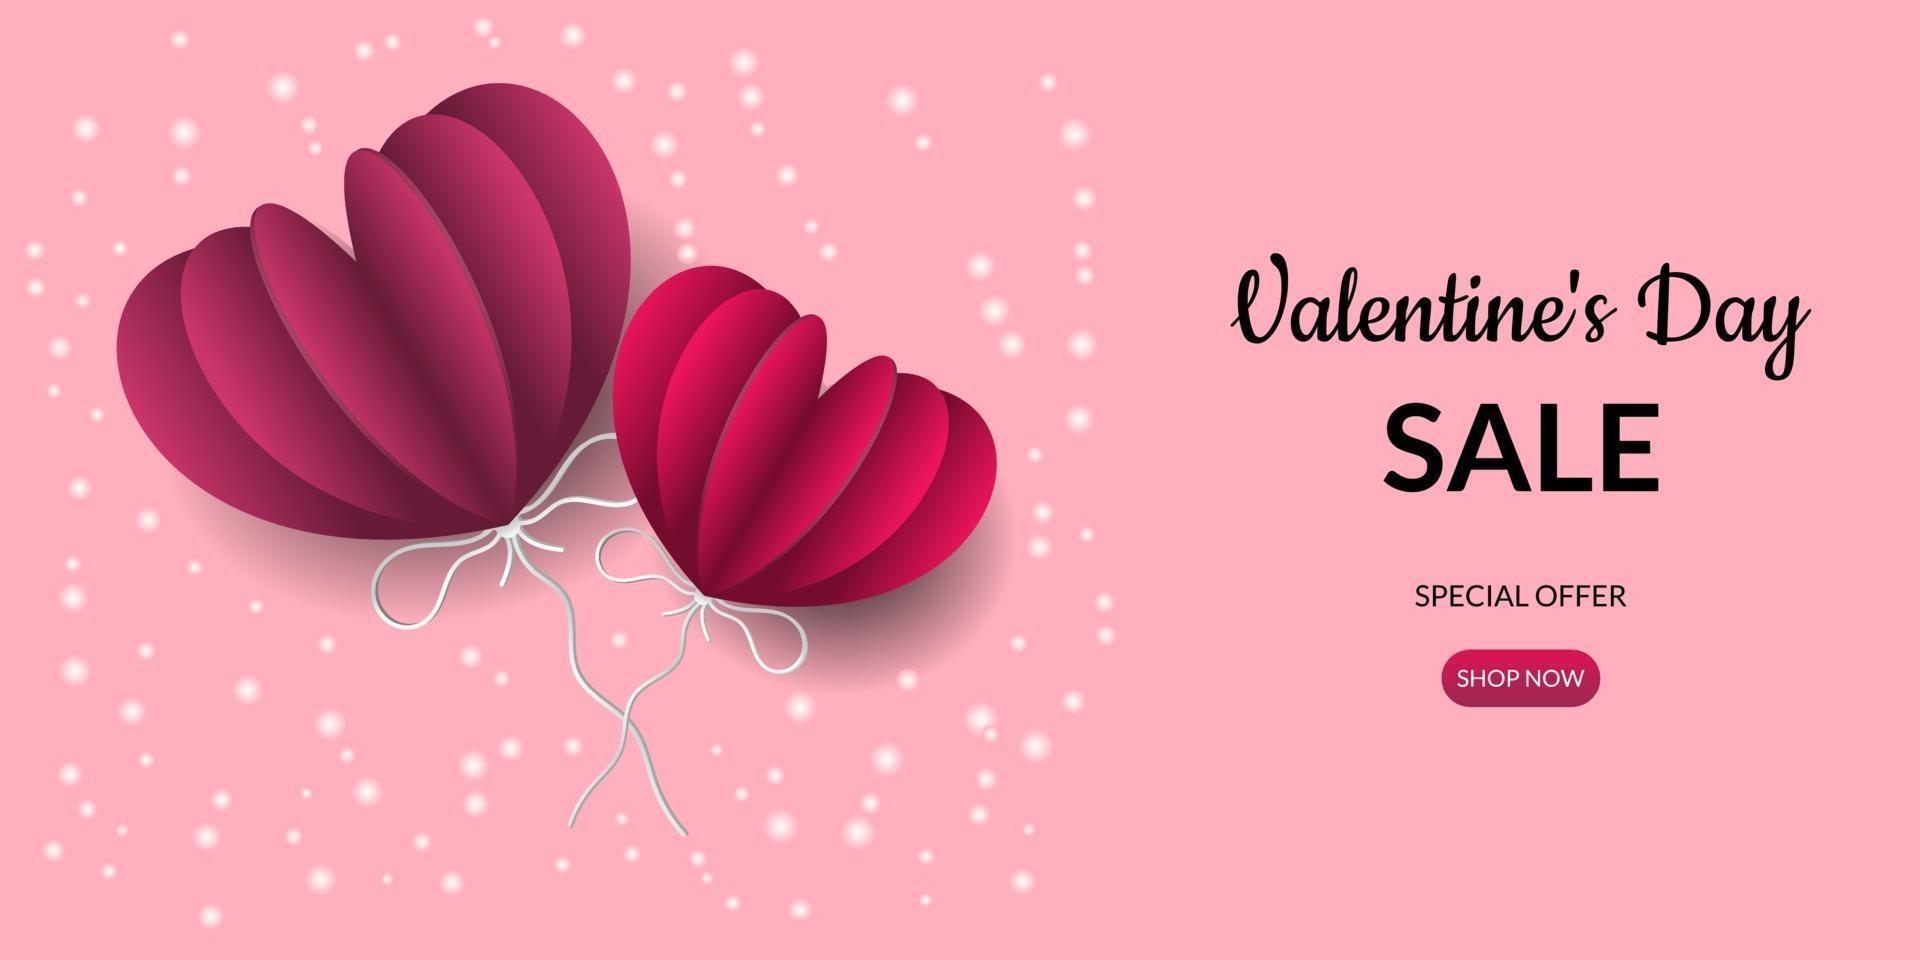 Valentinstag Verkauf Hintergrund mit herzförmigen Luftballons vektor